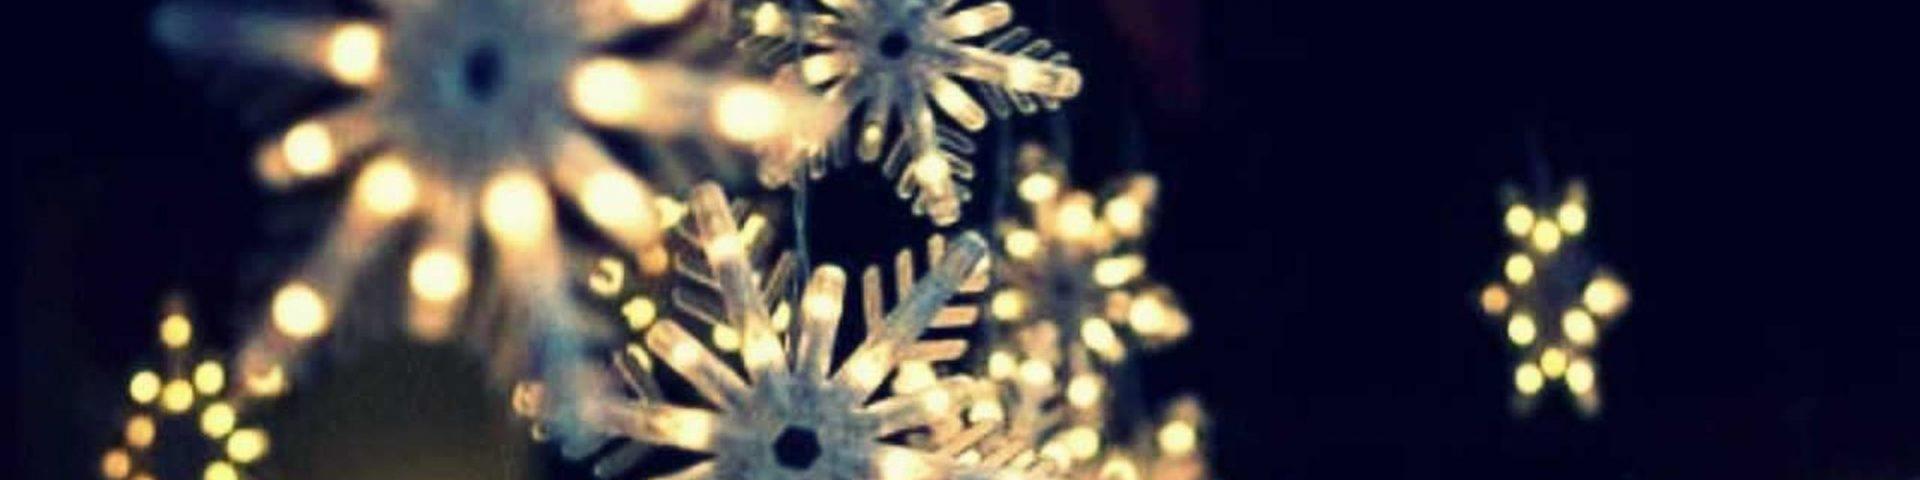 Spotify: le canzoni di Natale più ascoltate in streaming in Italia